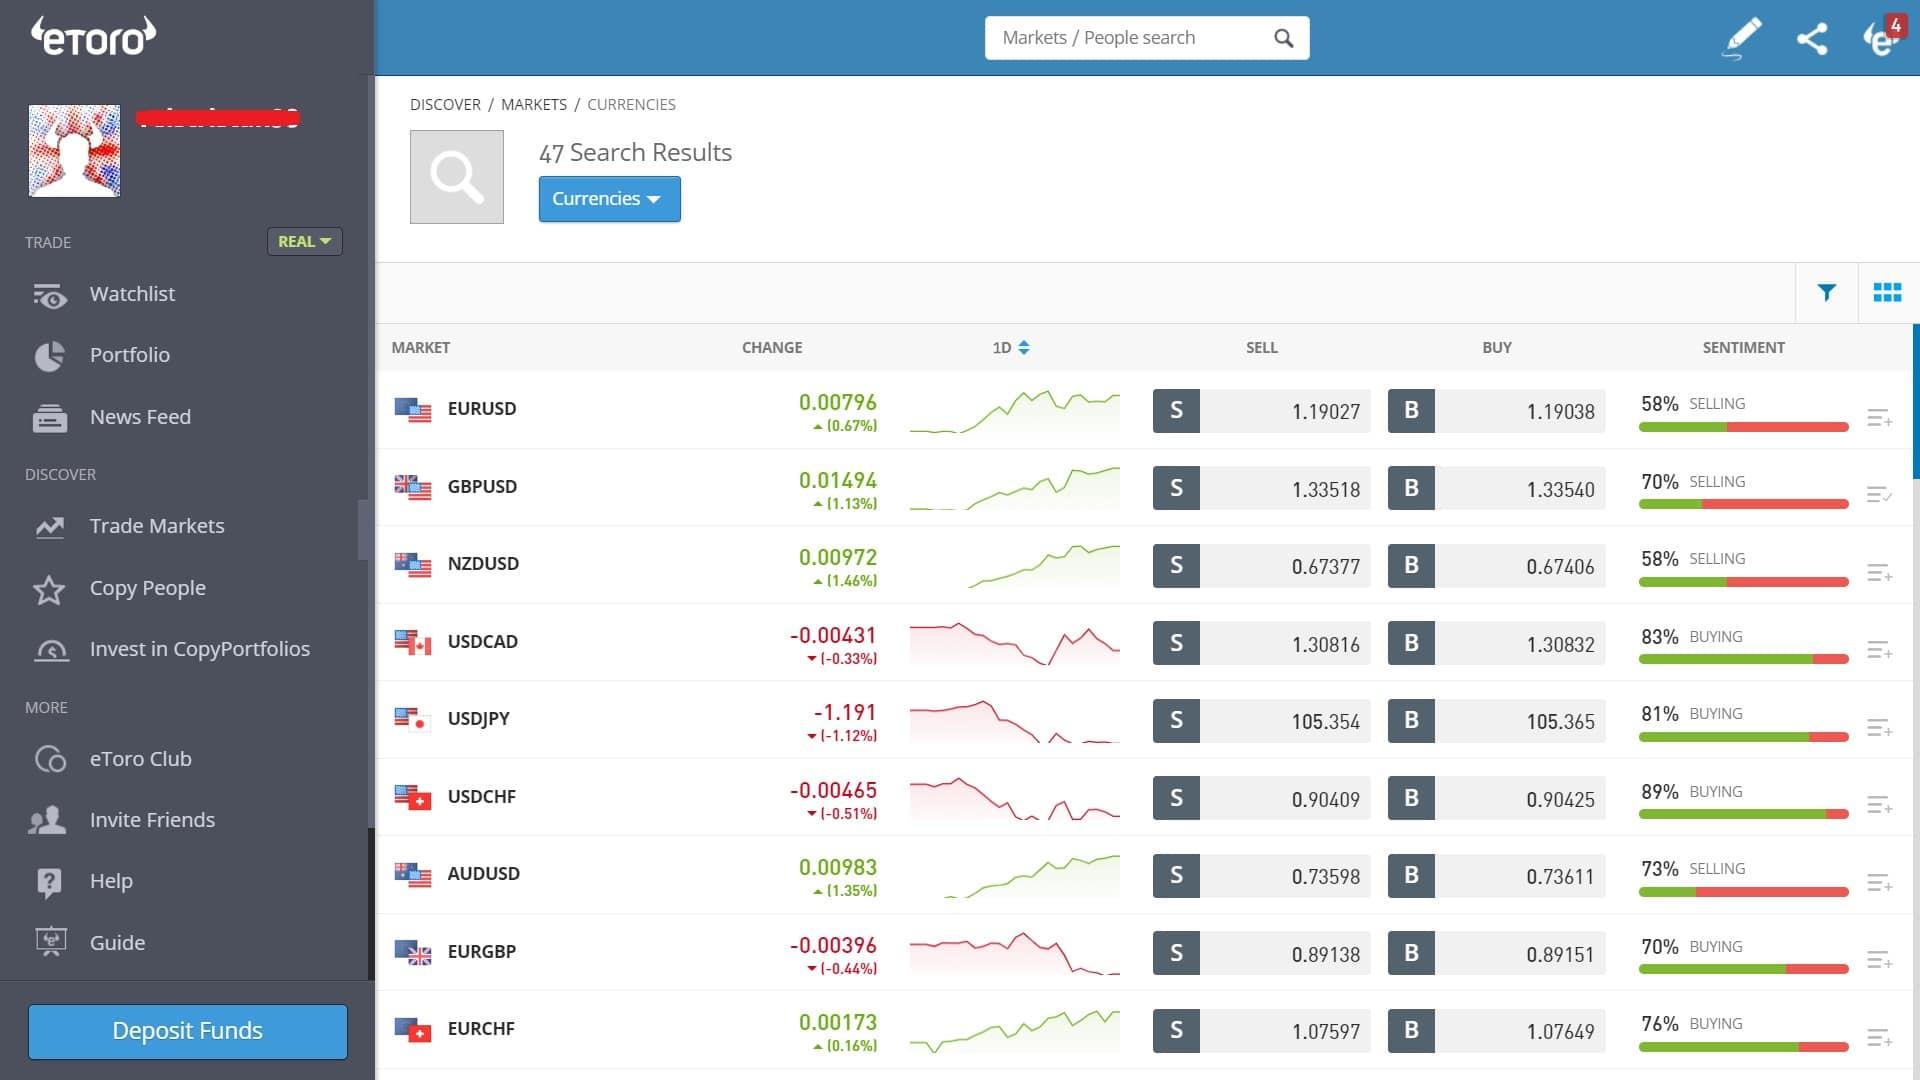 Forex trading on eToro's platform